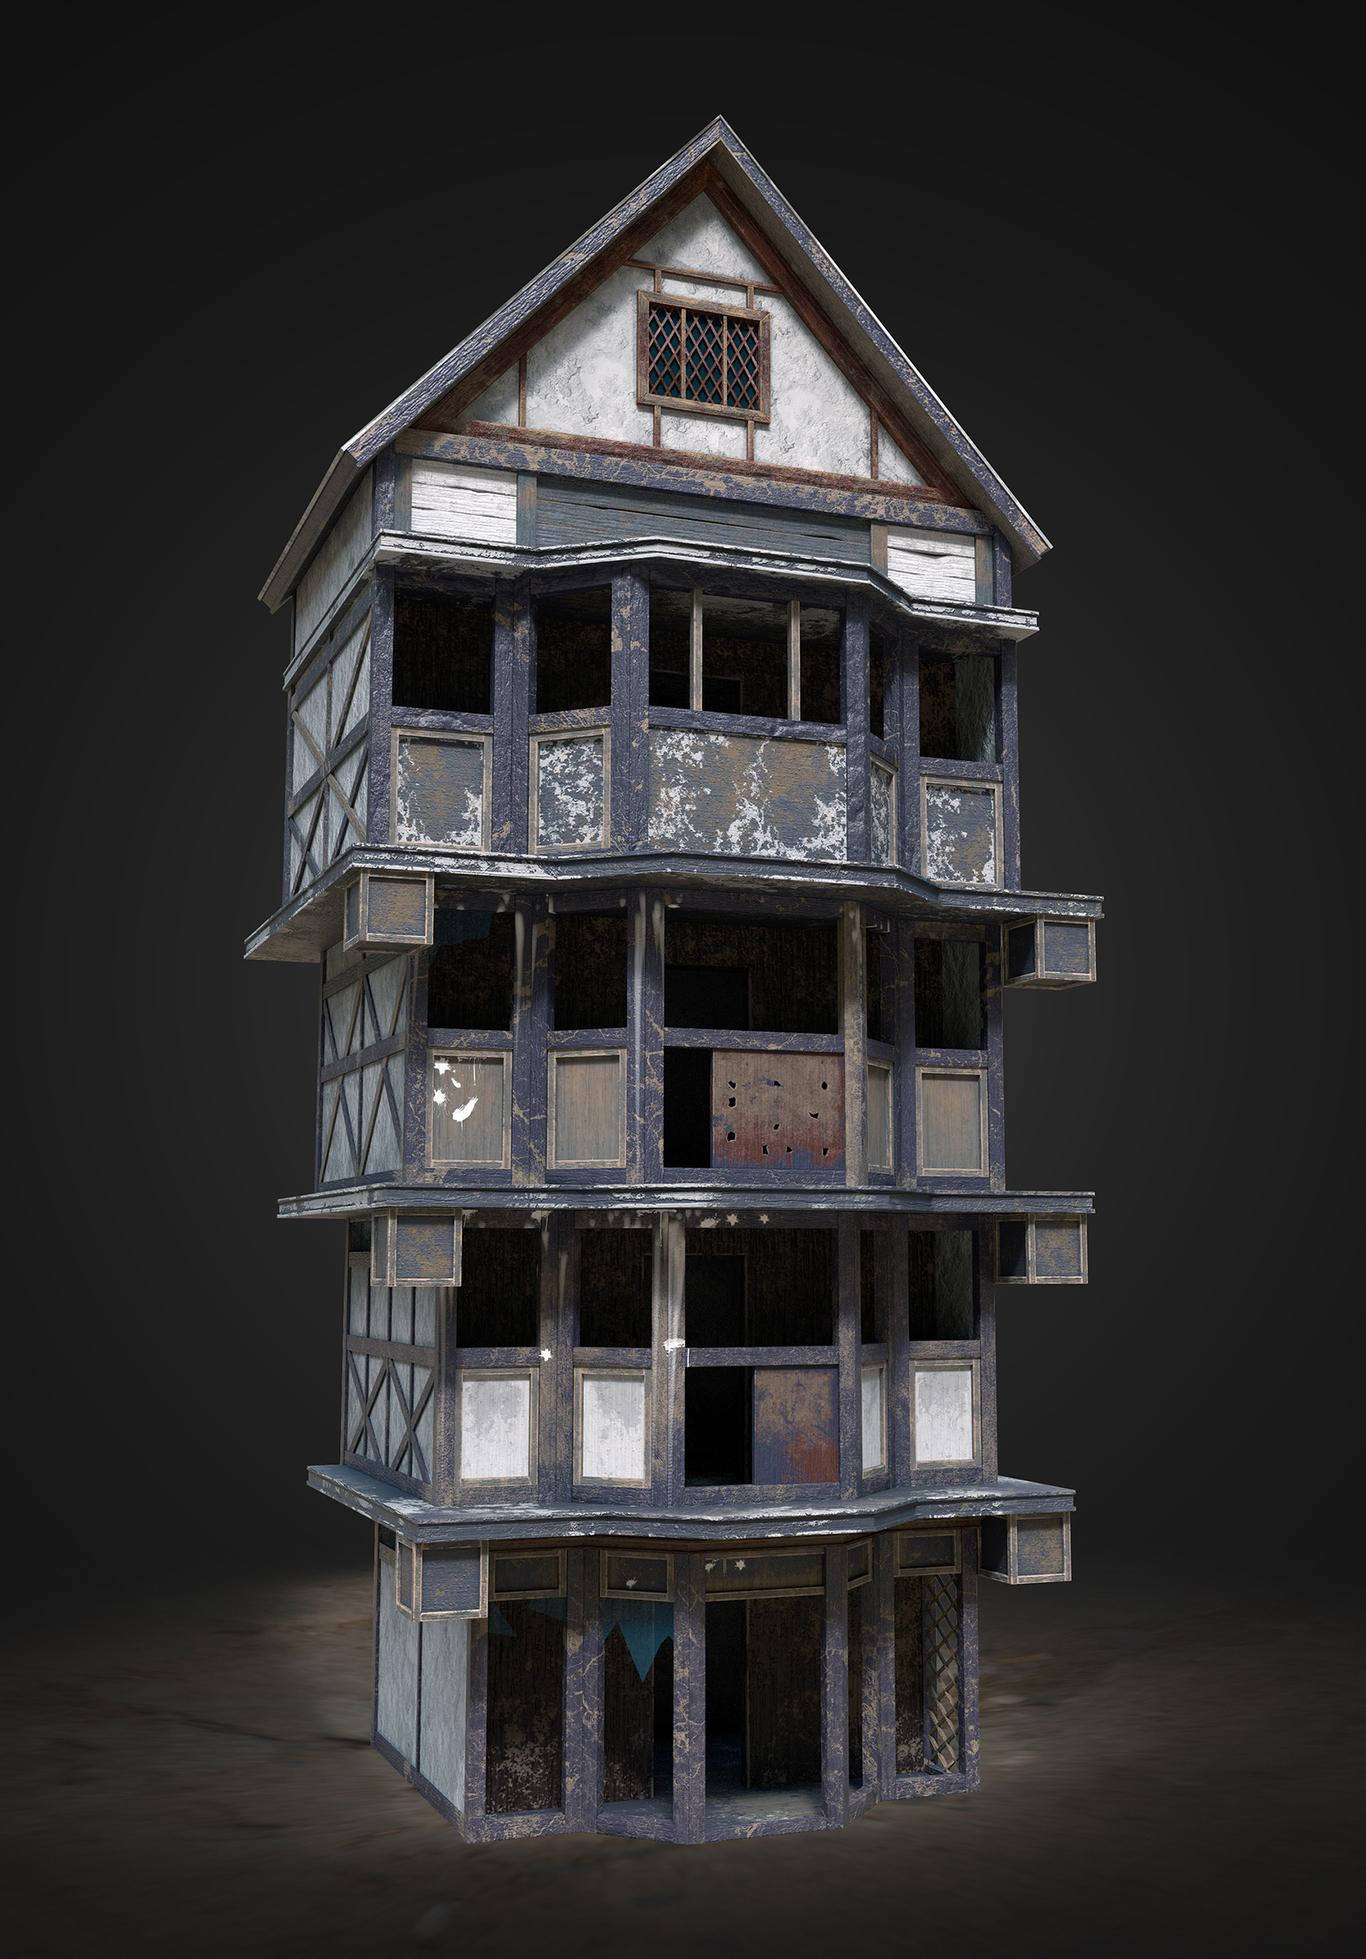 Irisriv house 1 0367af33 r54n